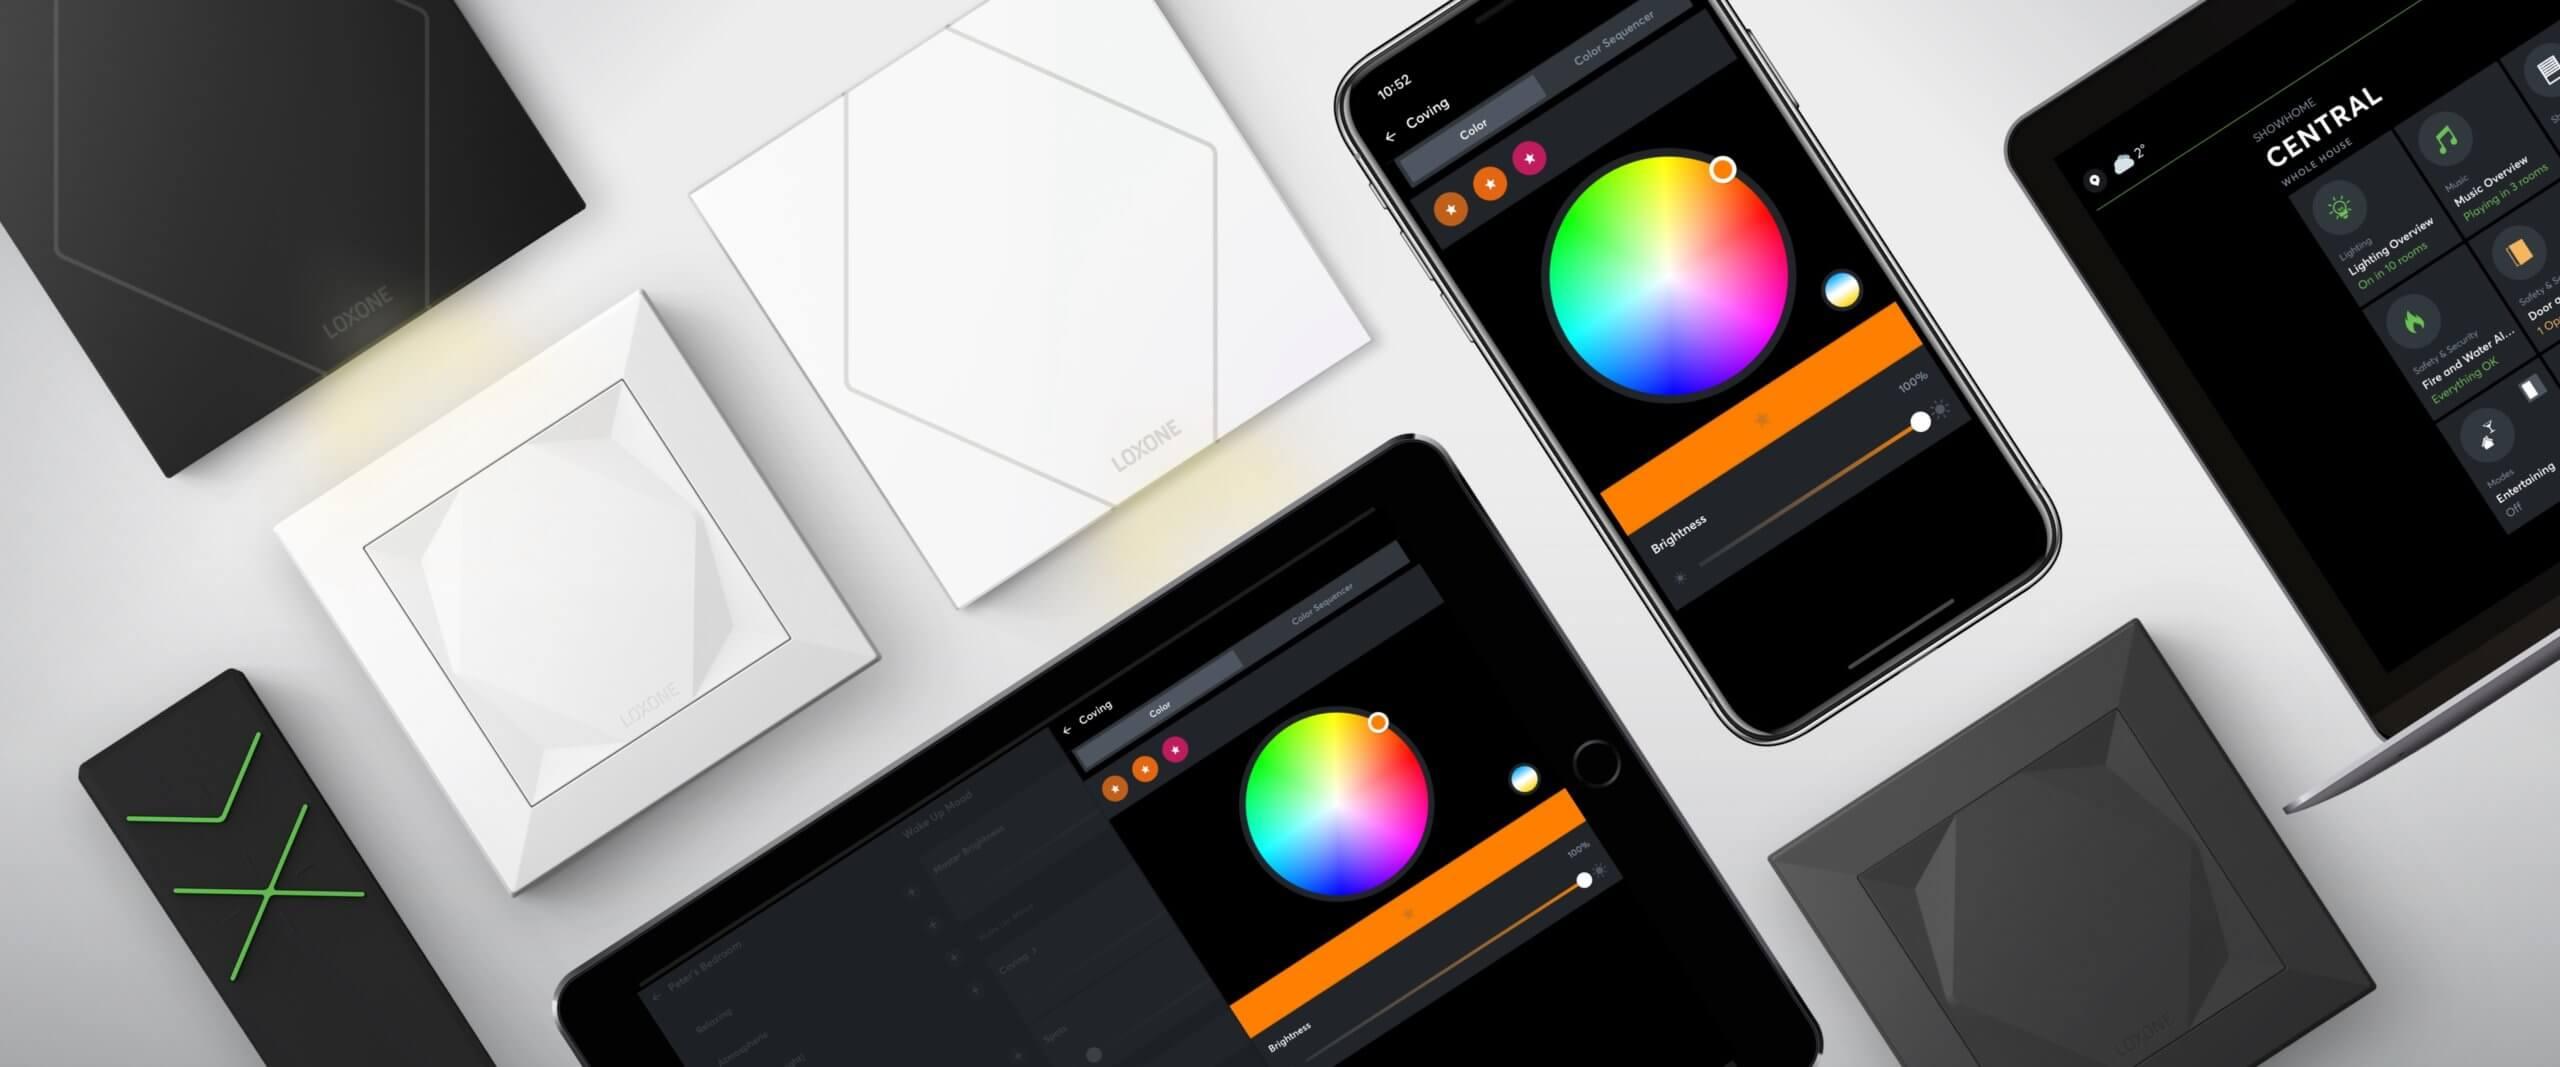 Lichtsteuerung mit Loxone App